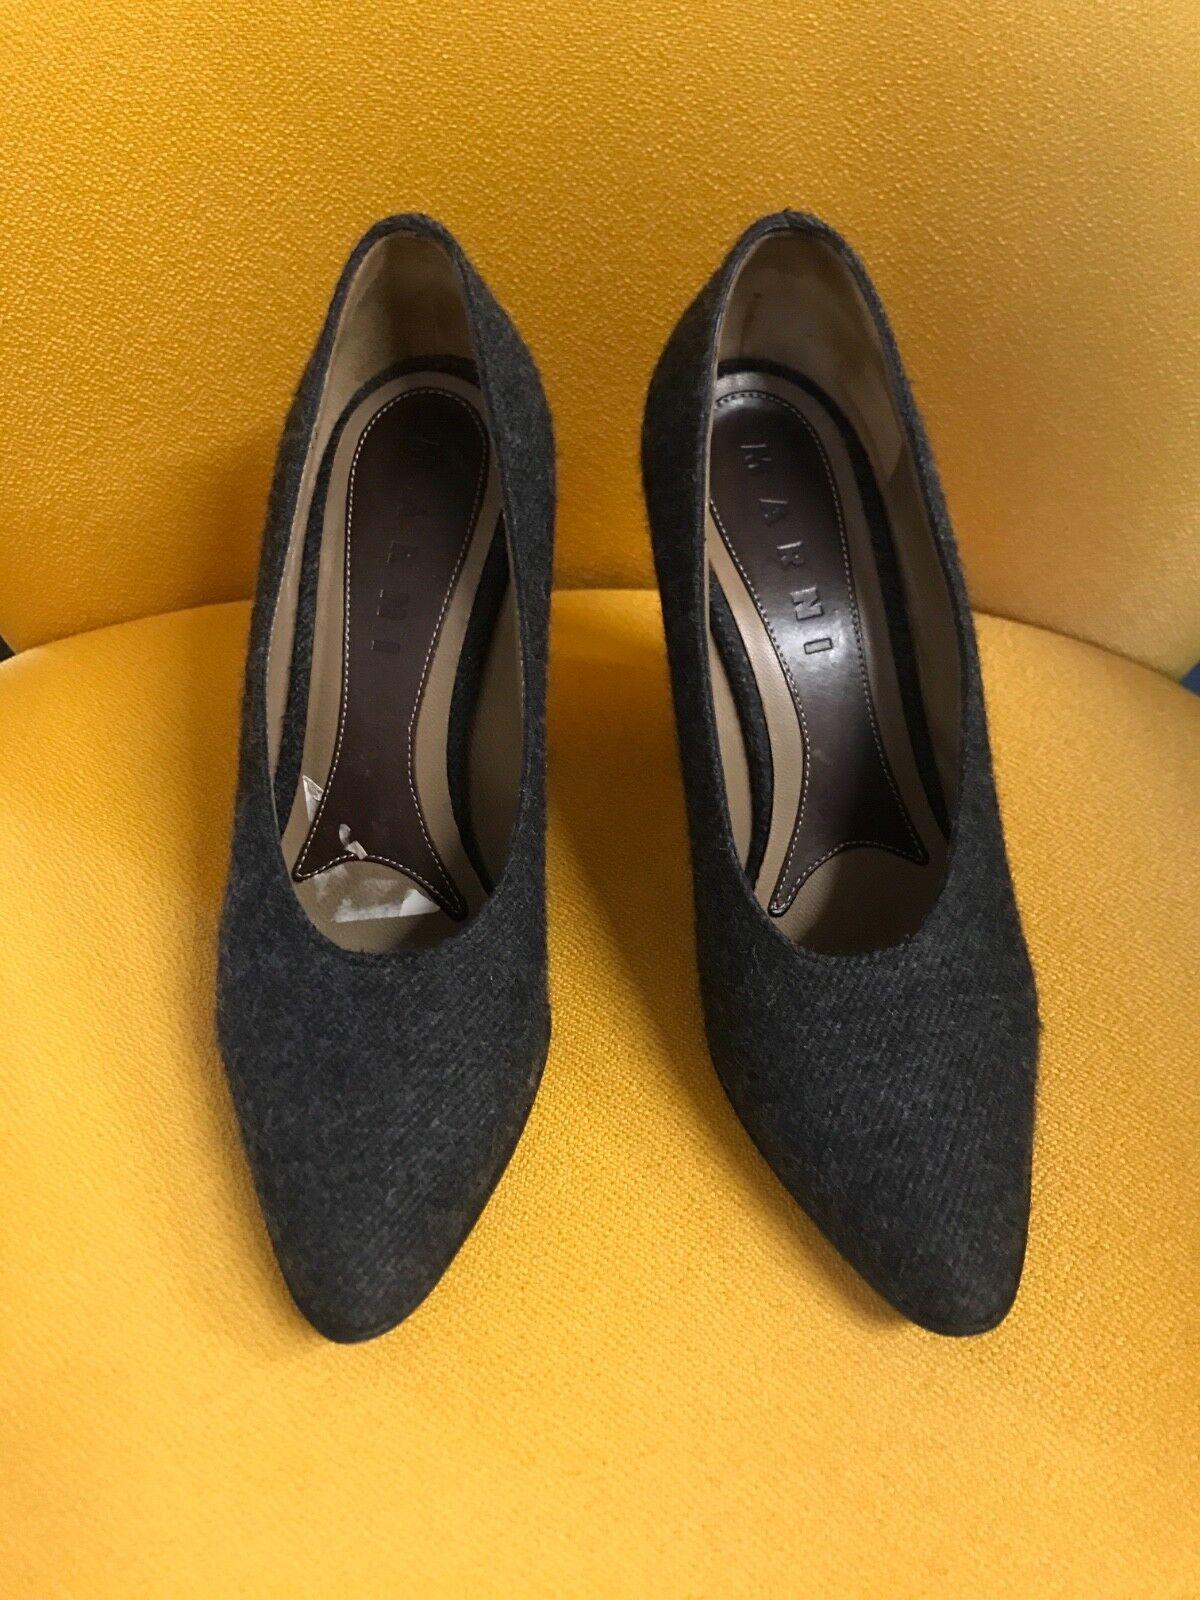 SOUVENIR Italia in Made stringate Chaussures noir femmes